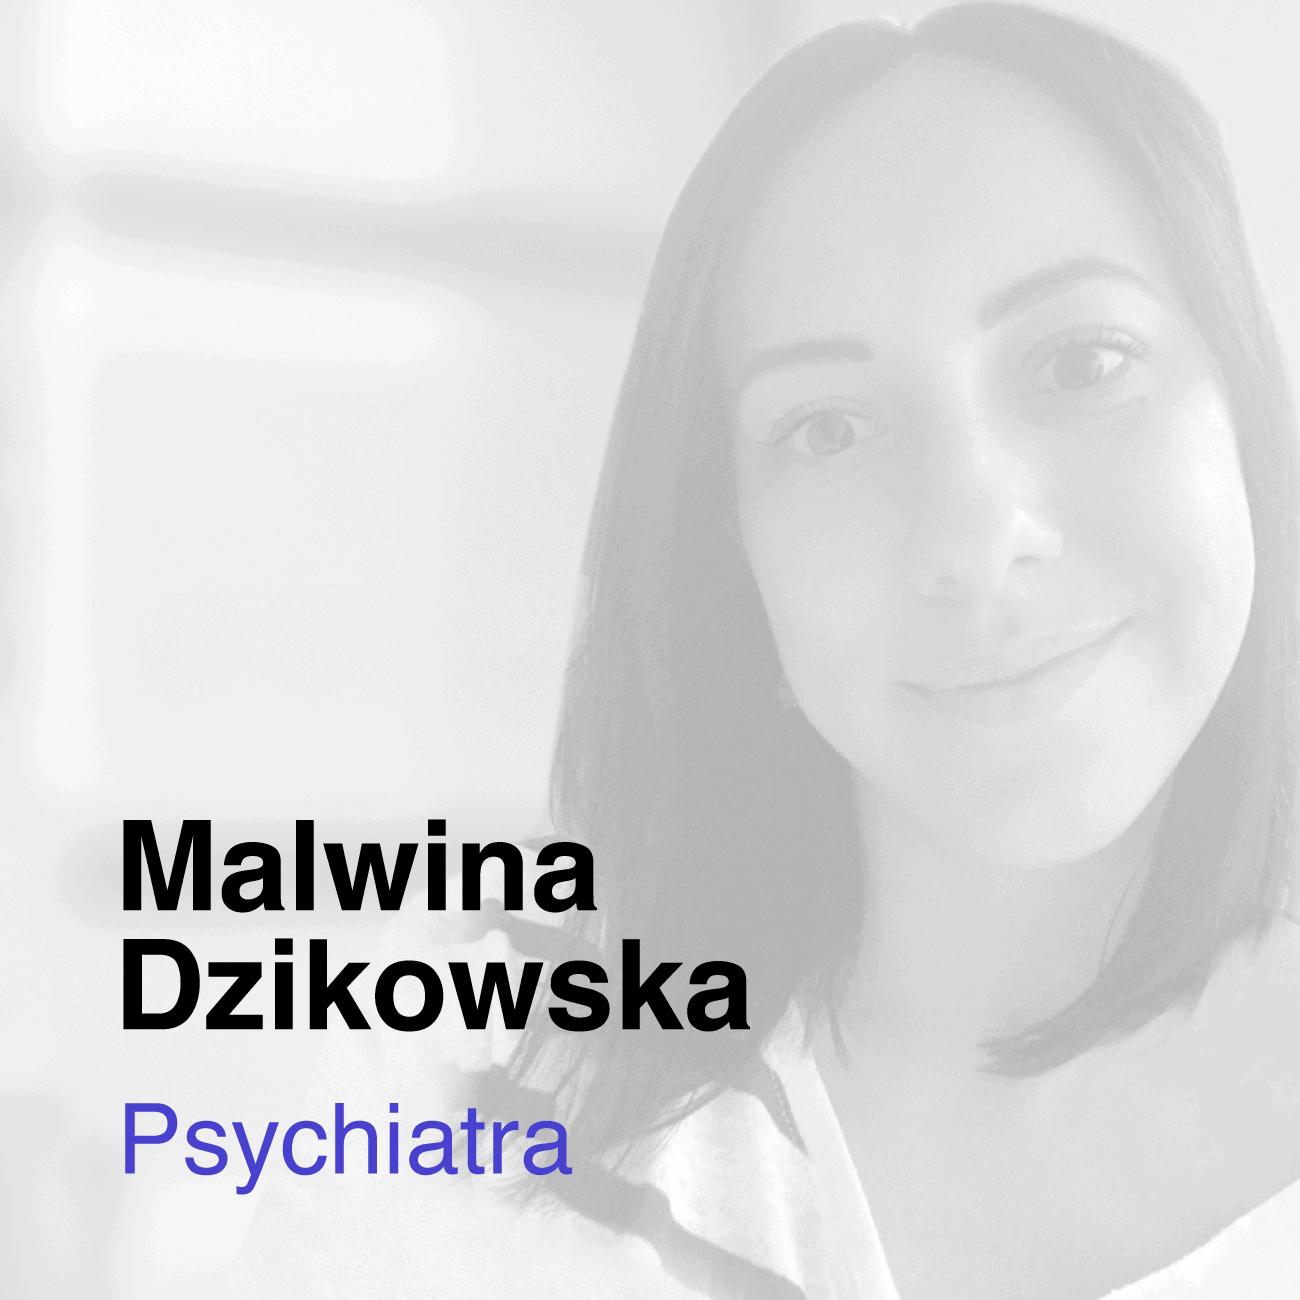 Czarno białe zdjęcie Malwiny Dzikowskiej, która z Medicana współpracuje w roli lekarki Psychiatry